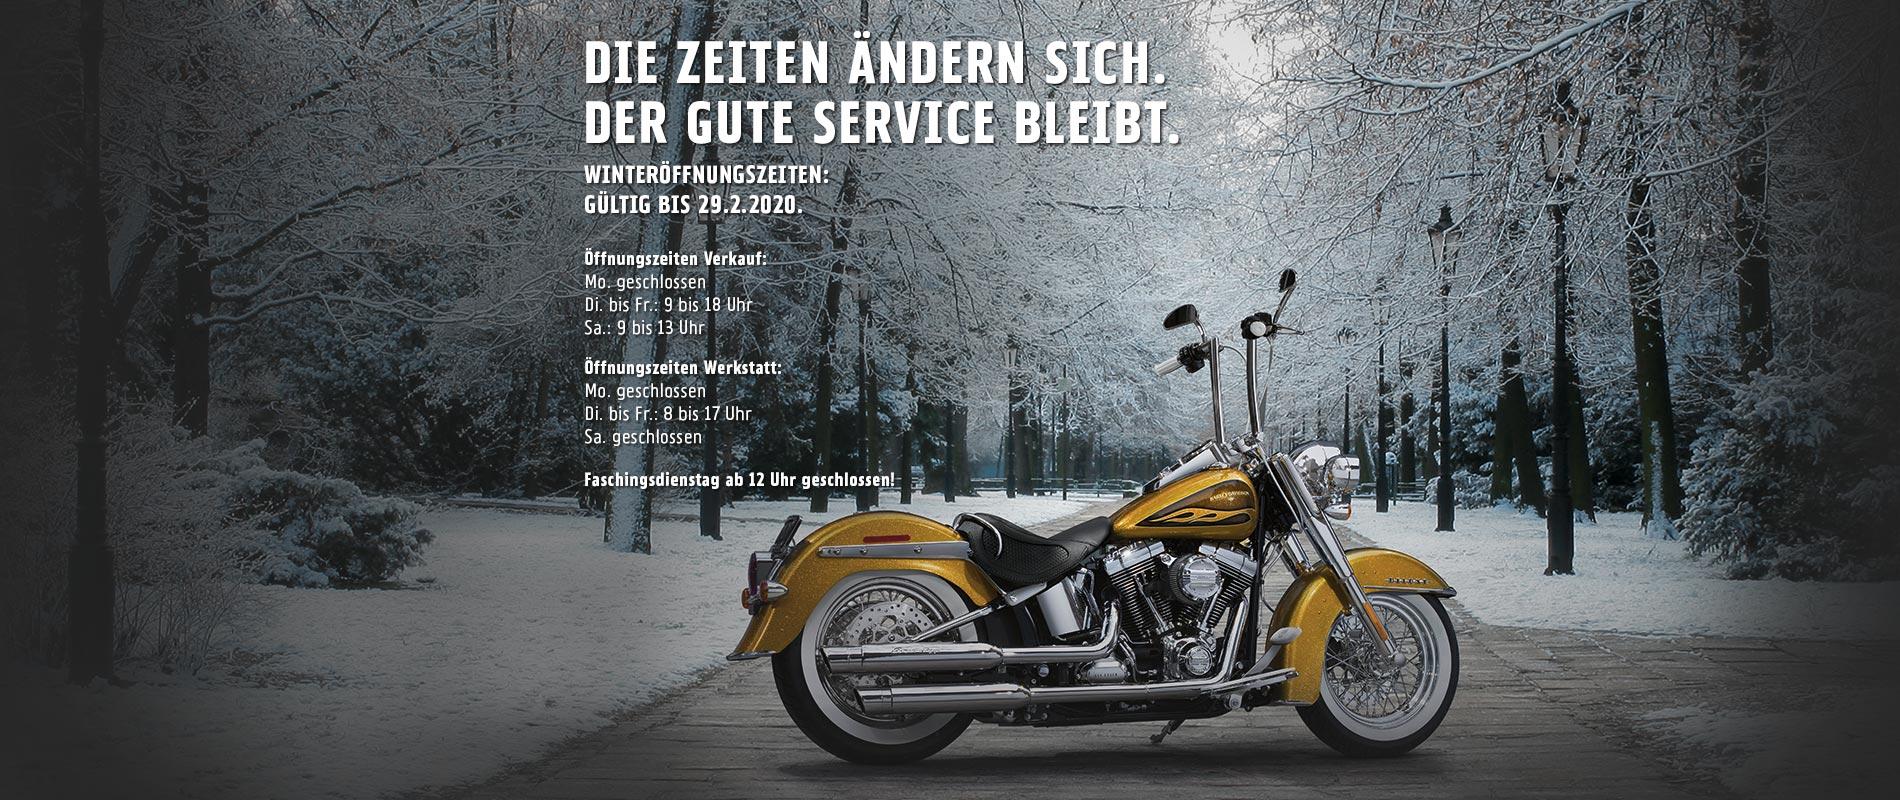 HD_RegSchwarz_Billboards_Winteroeffnungszeiten3